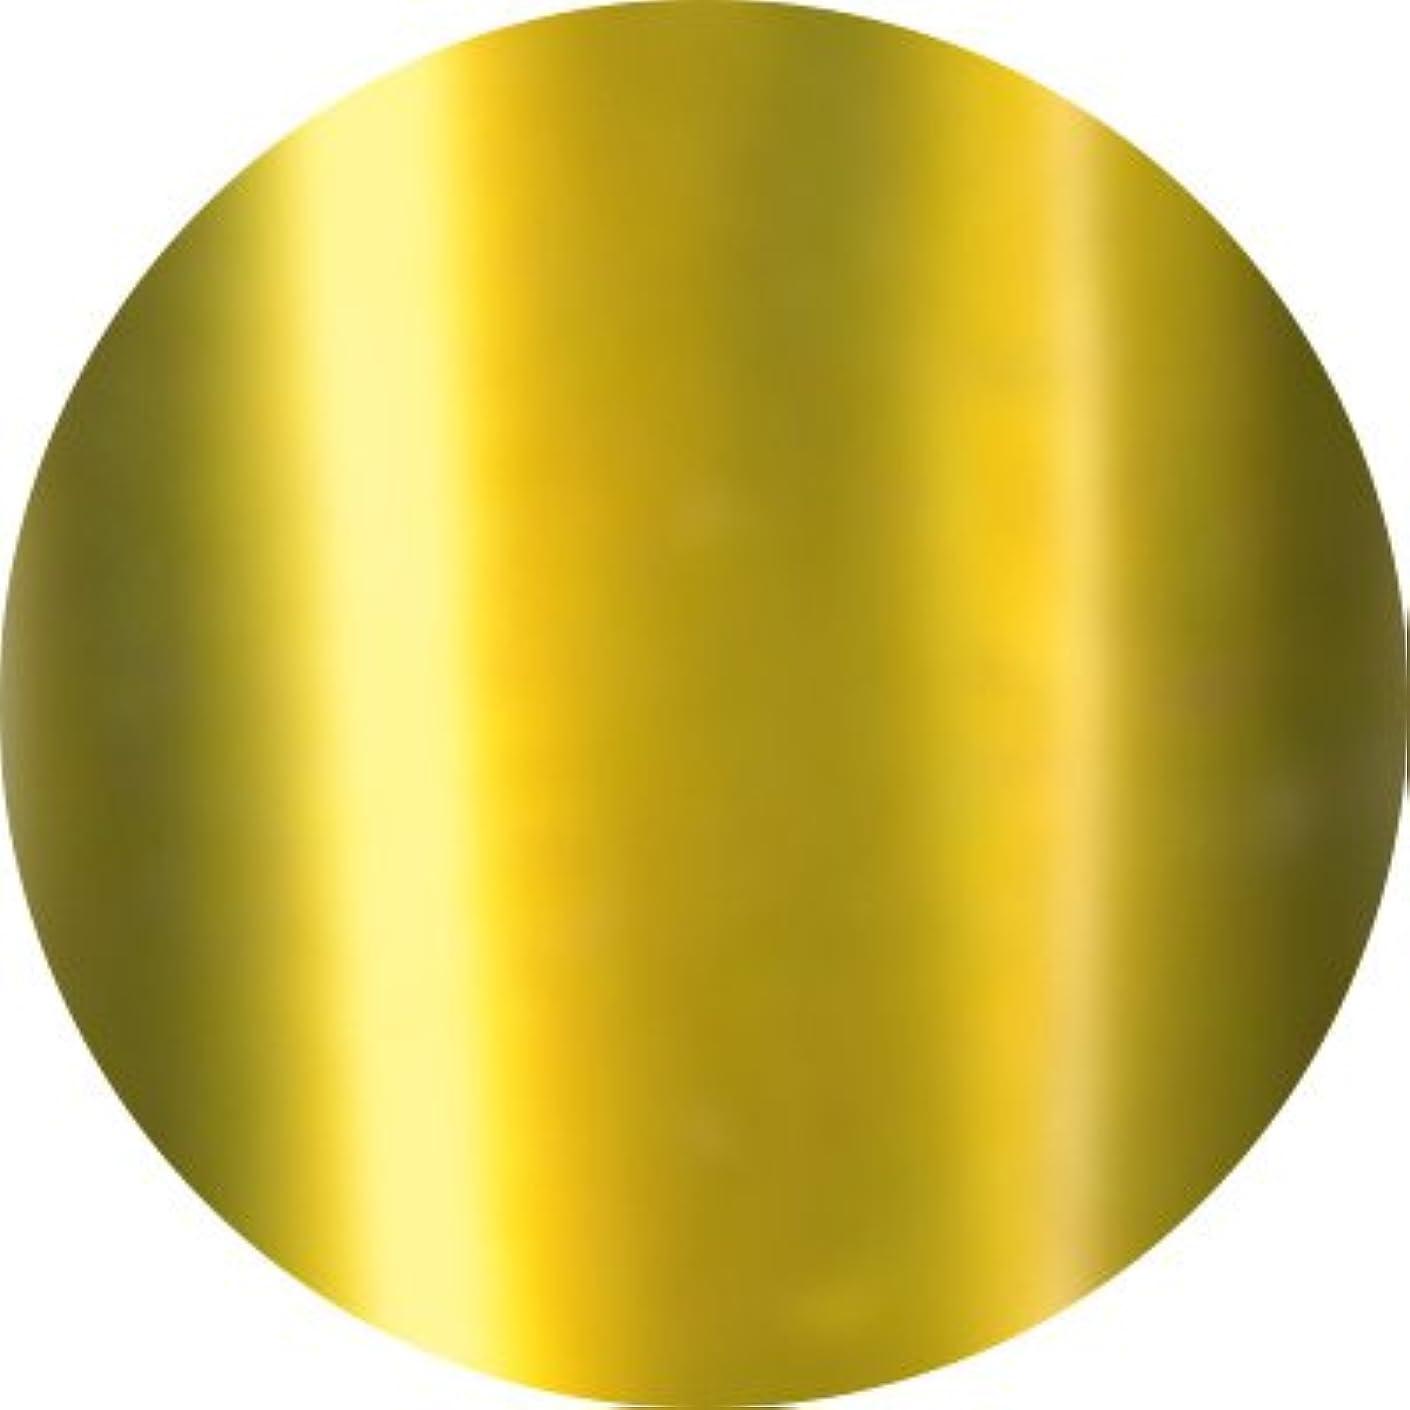 異邦人定義する大事にするJewelry jel(ジュエリージェル) カラージェル 5ml<BR>ピッカピカメタリック MKゴールド